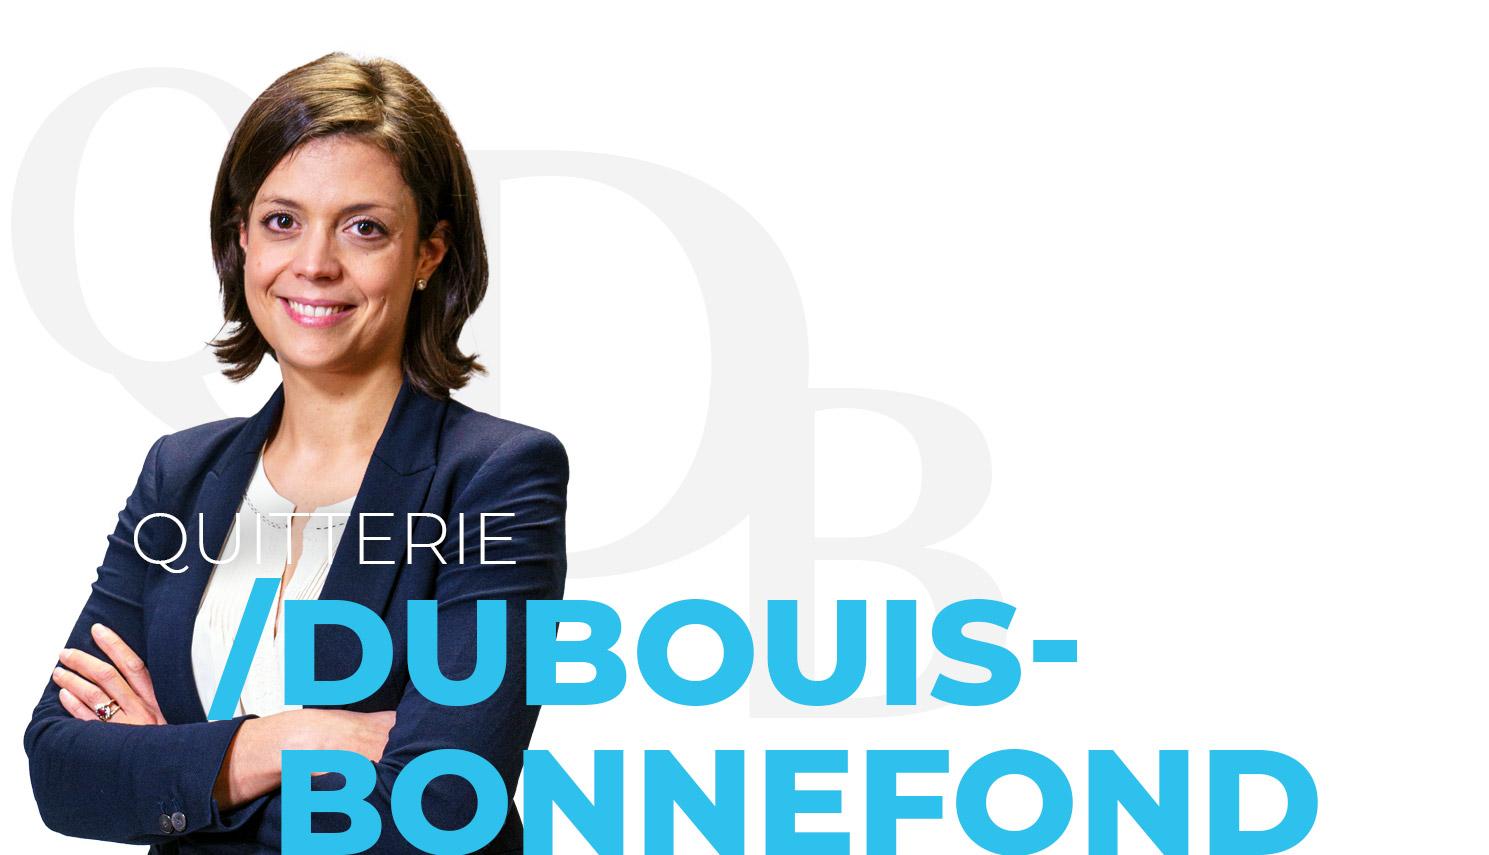 Quitterie DUBOUIS-BONNEFOND